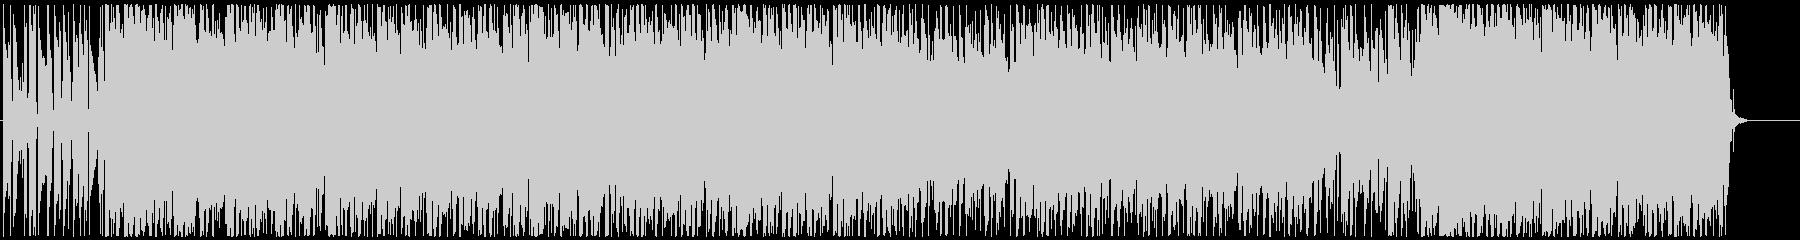 ノリノリキーボーディストインストの未再生の波形